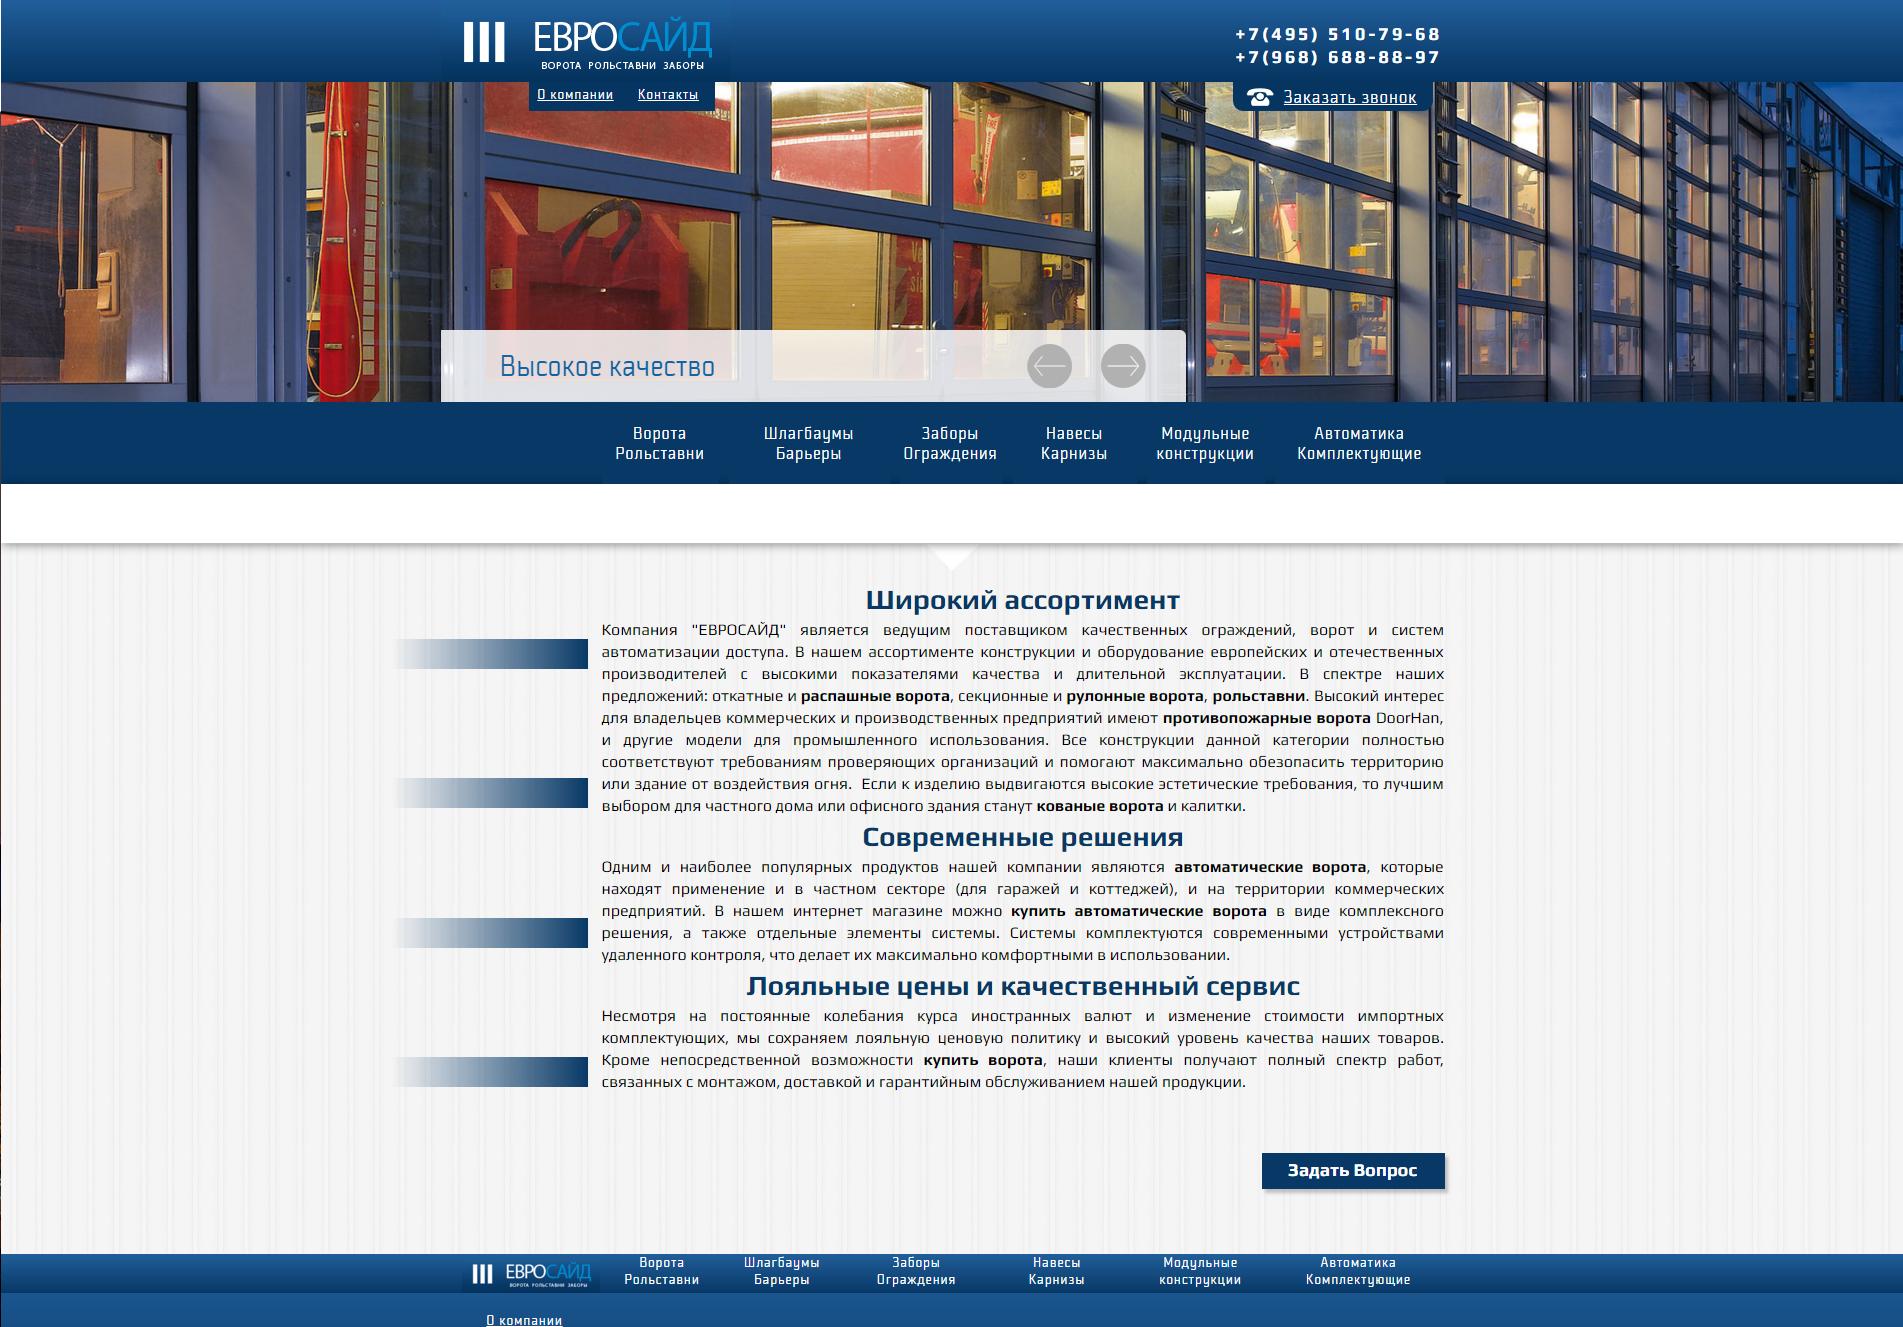 Разработка сайта по продажам ворот и заборов